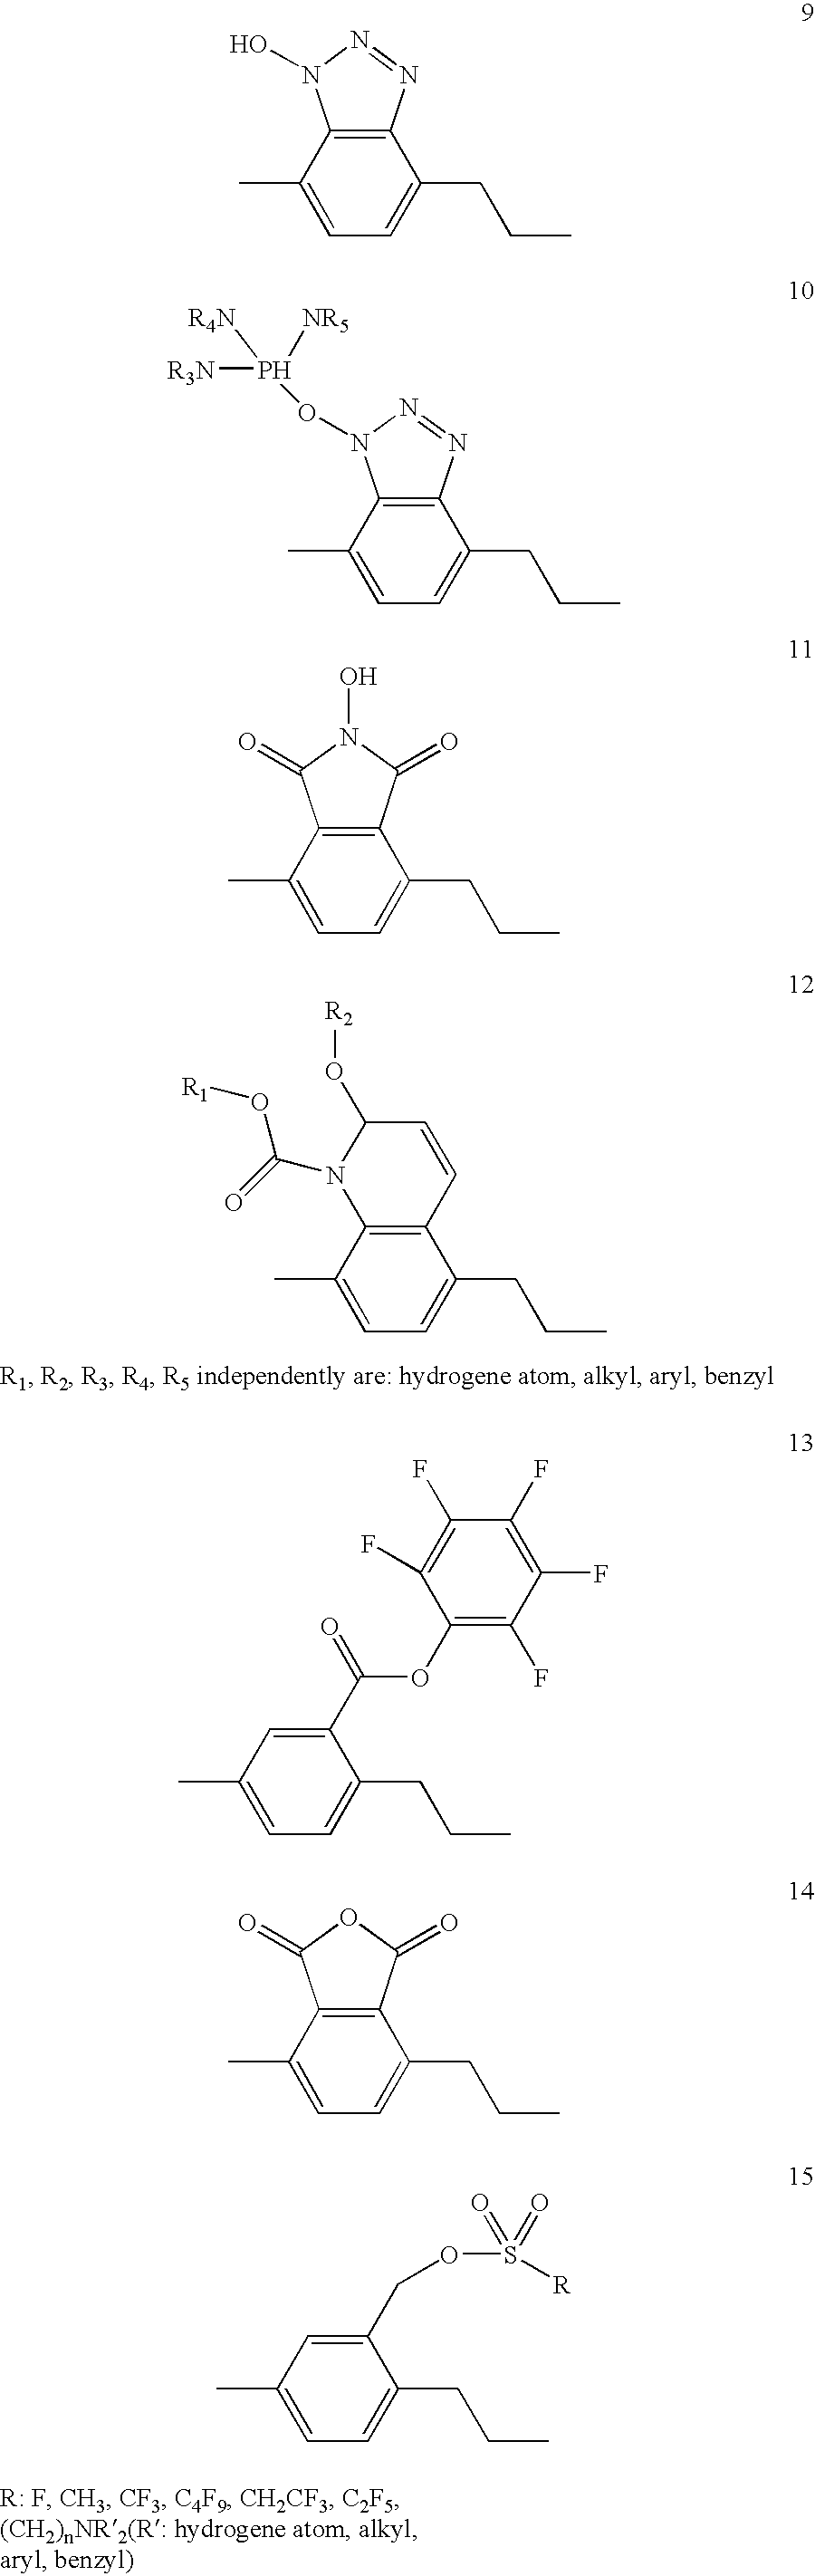 Figure US06977138-20051220-C00002